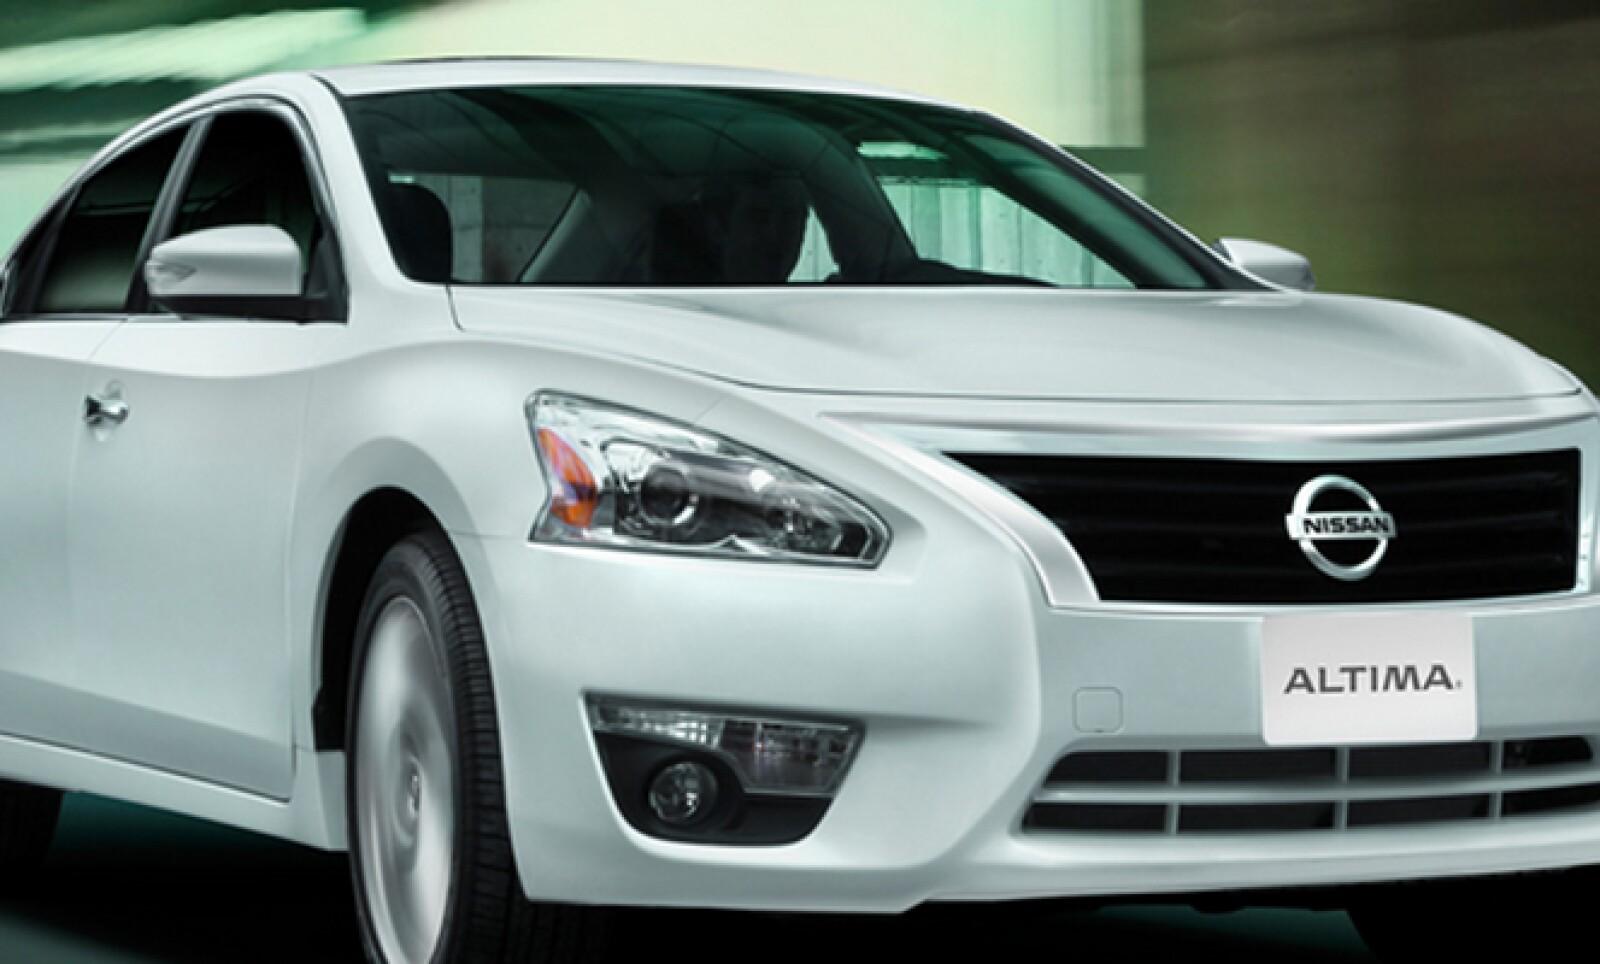 Nissan vendió 5,246 unidades de este auto de lujo, 5.1% menos comparado con 2012.